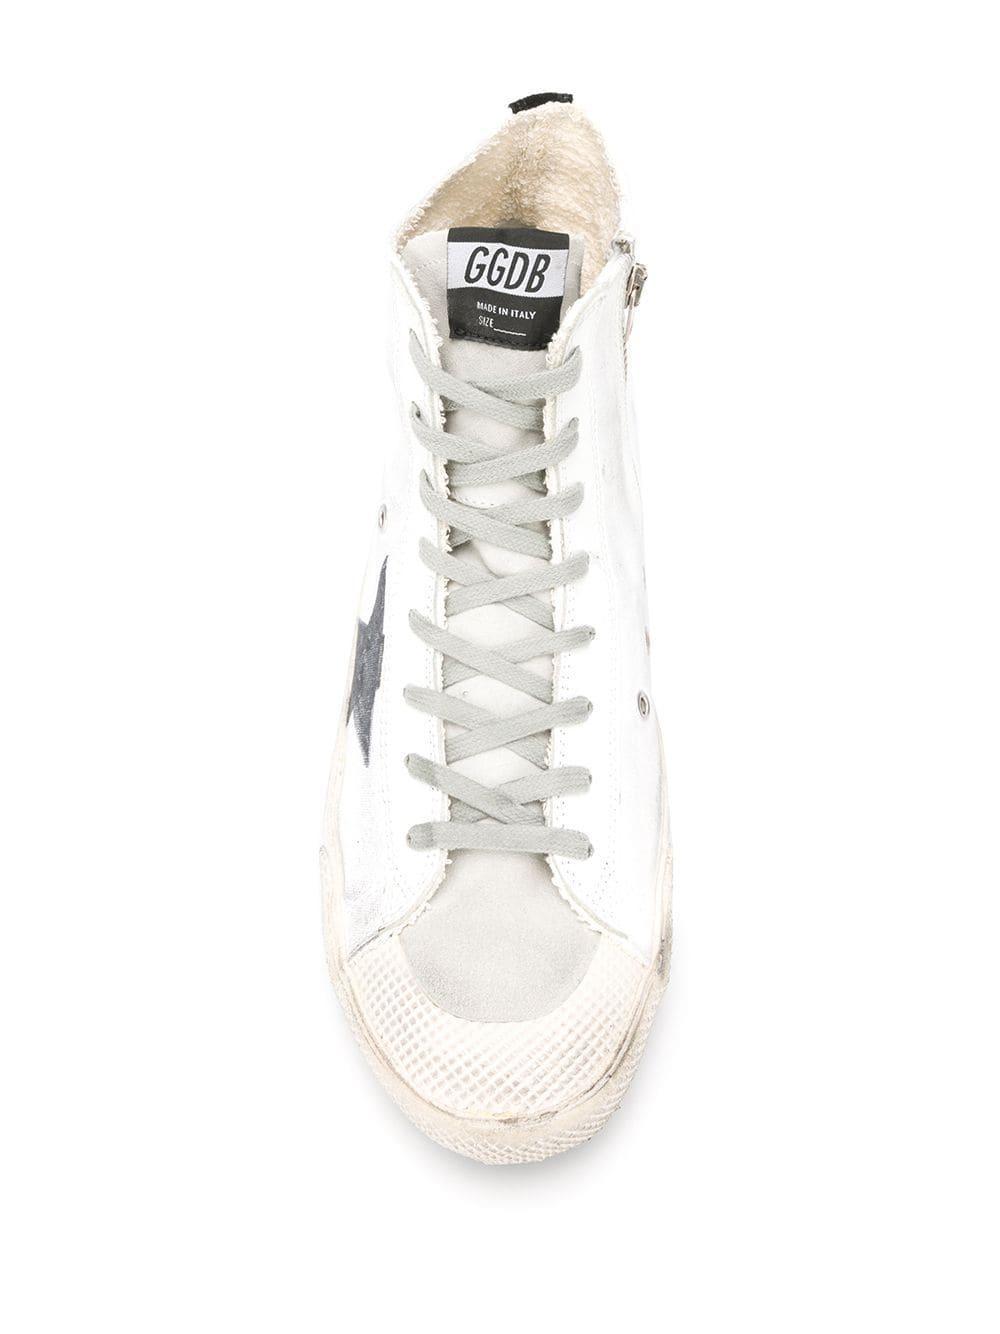 Zapatillas altas Francy Golden Goose Deluxe Brand de Caucho de color Blanco para hombre